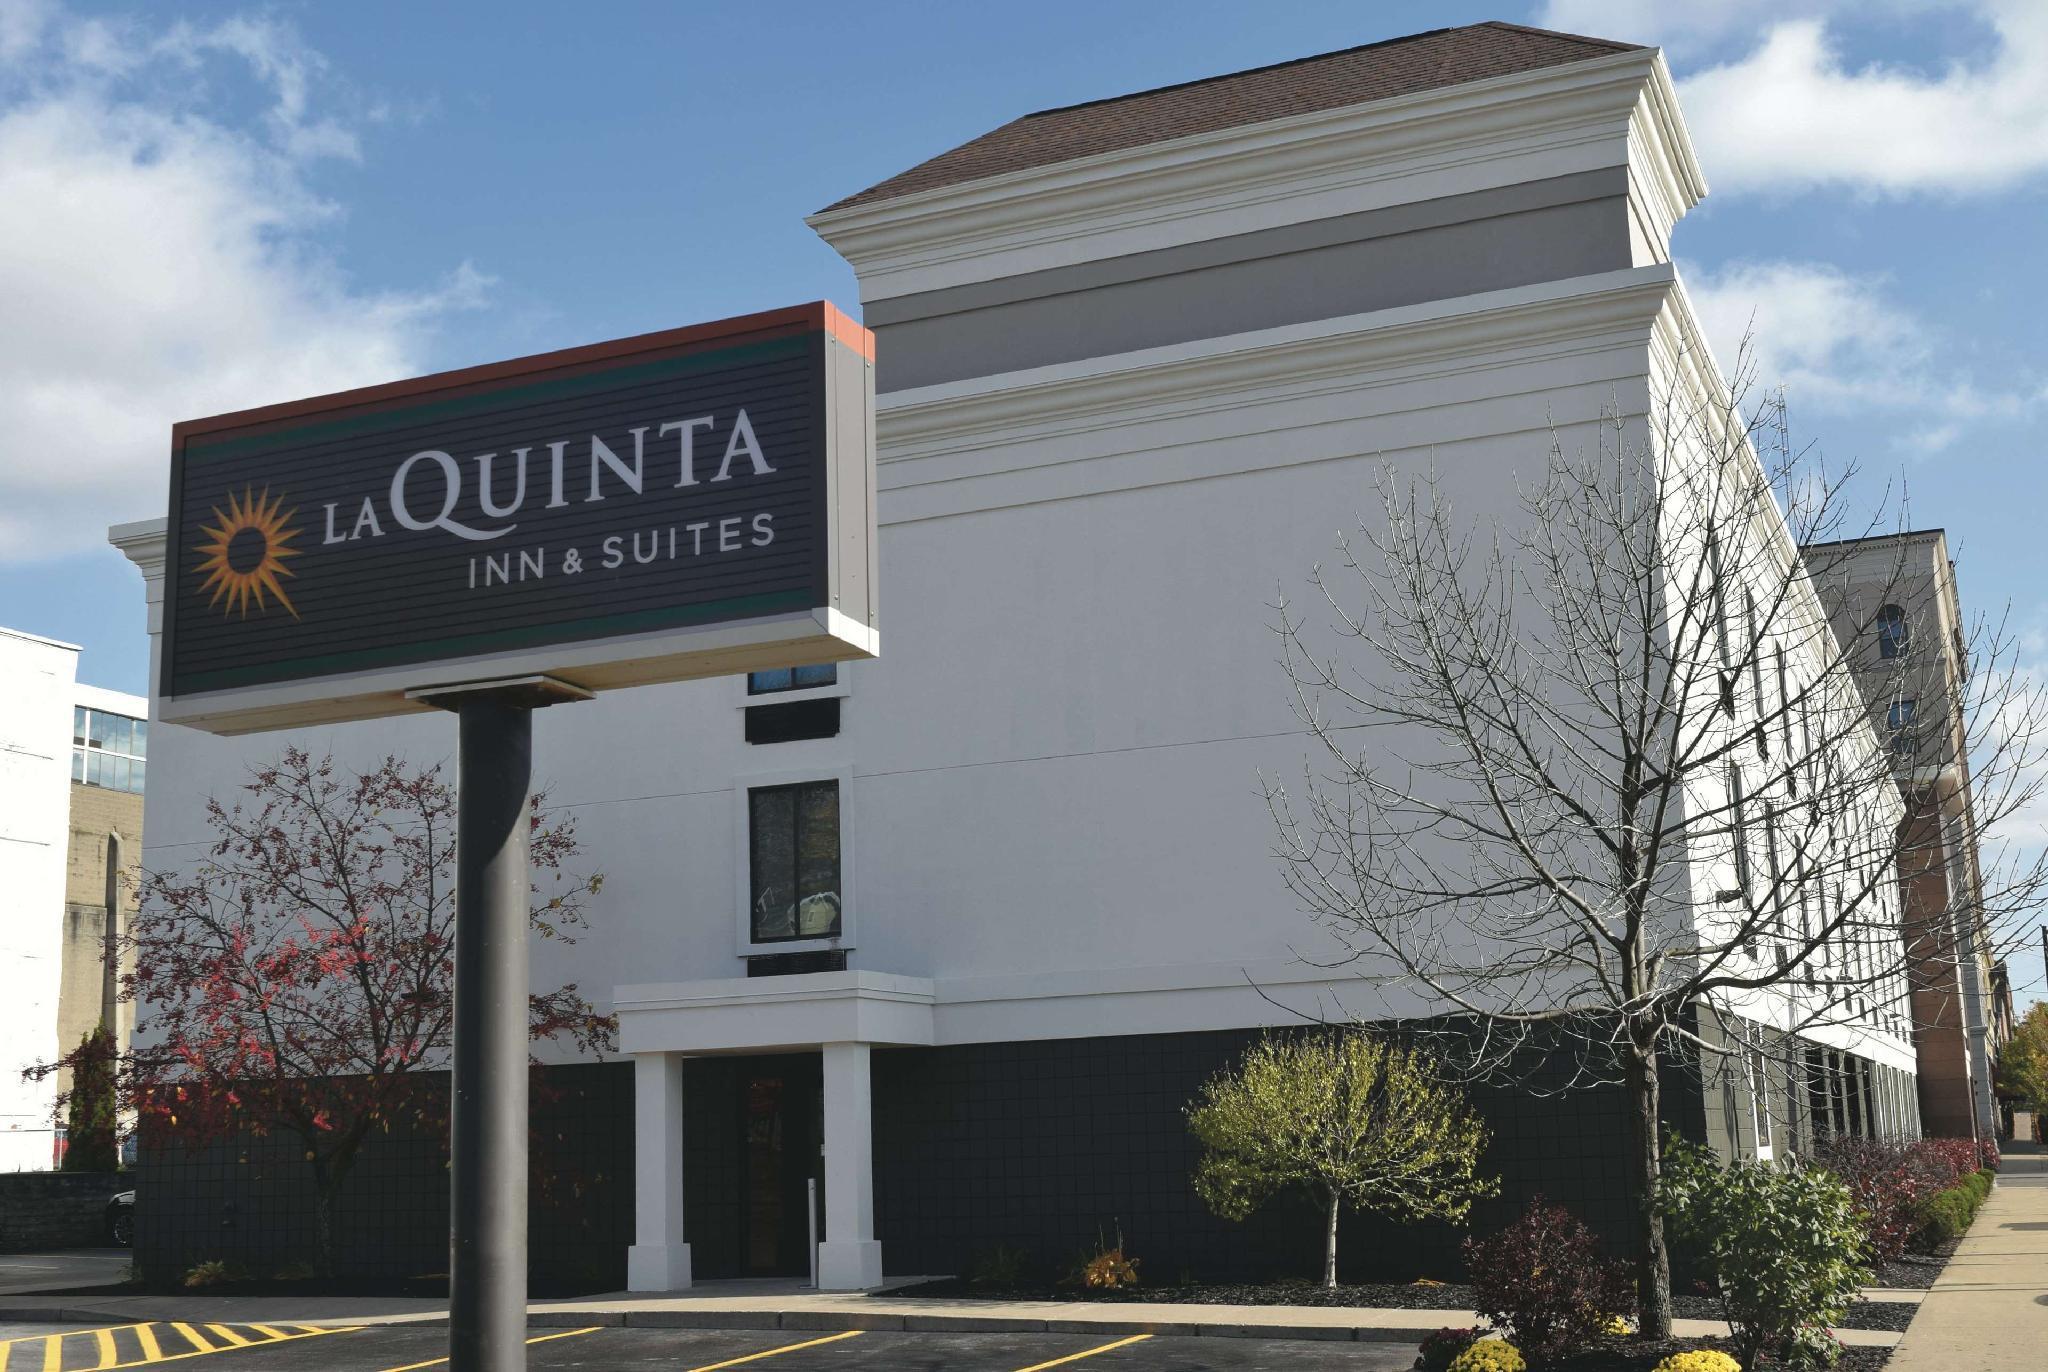 La Quinta Inn And Suites By Wyndham Jamestown